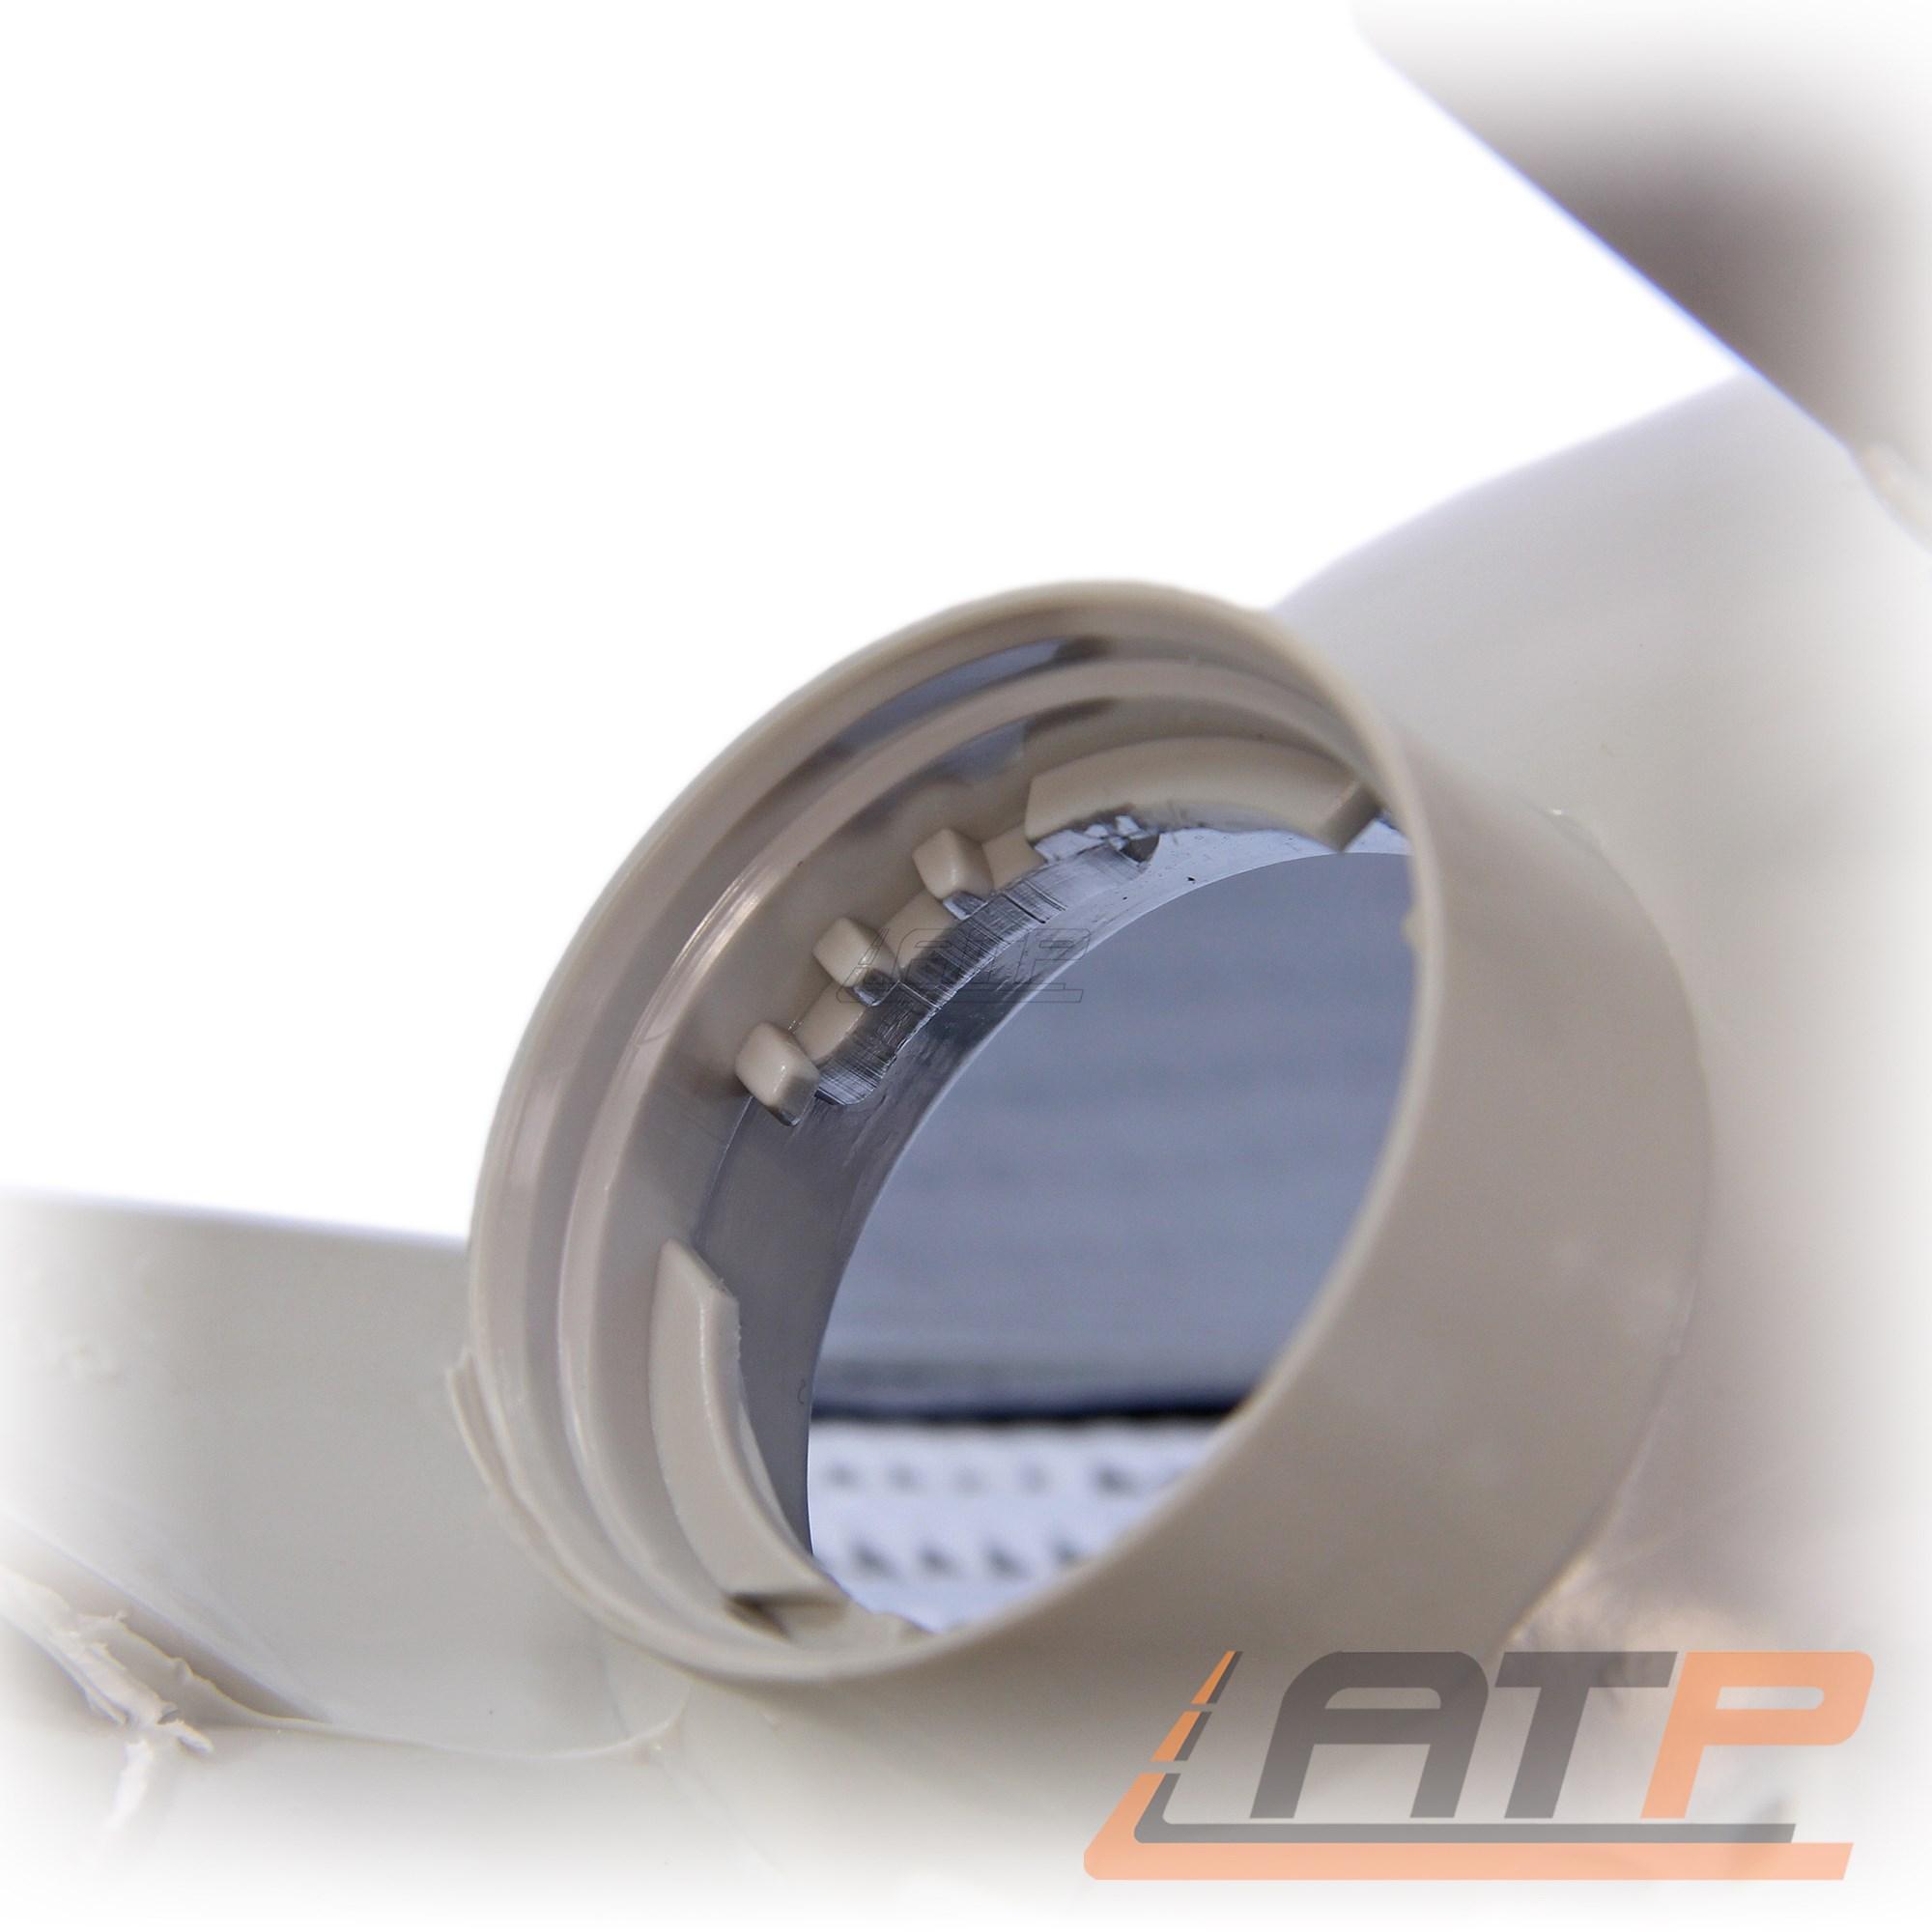 2x clignotant signal voyant clignotant blanc avant AUDI a4 b5 8d BJ 94-99